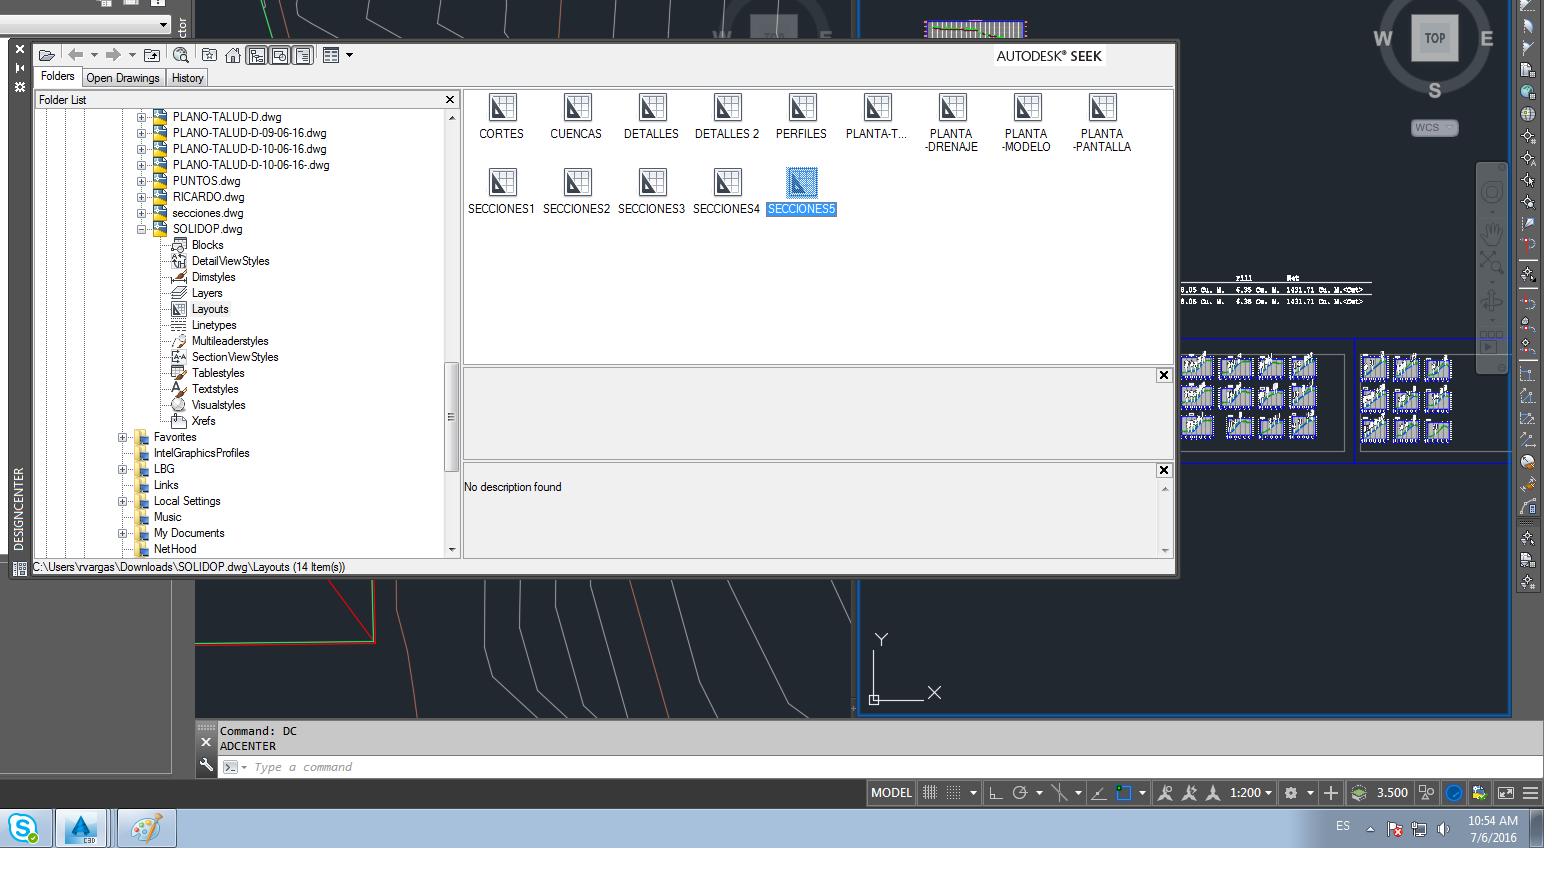 Solucionado Cmo puedo copiar un layout de un archivo a otro